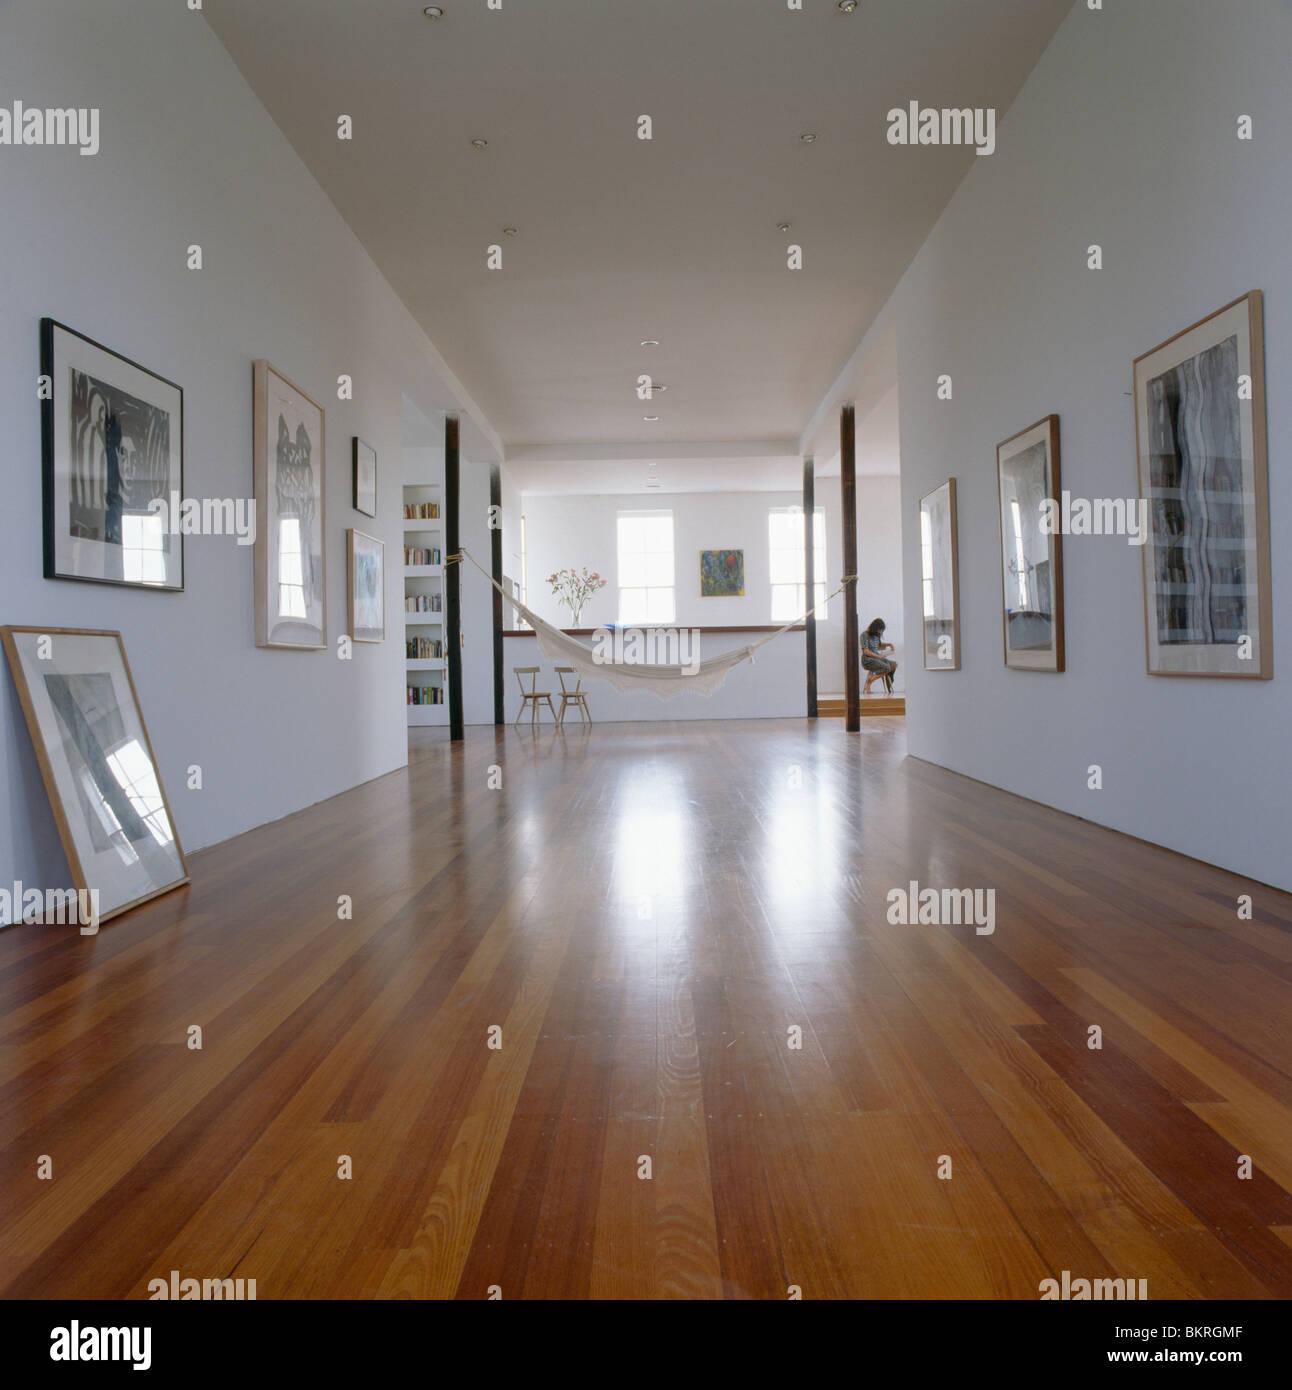 Holzboden In Großen Modernen Loft Conversion Halle Mit Sammlung Bilder An  Wänden